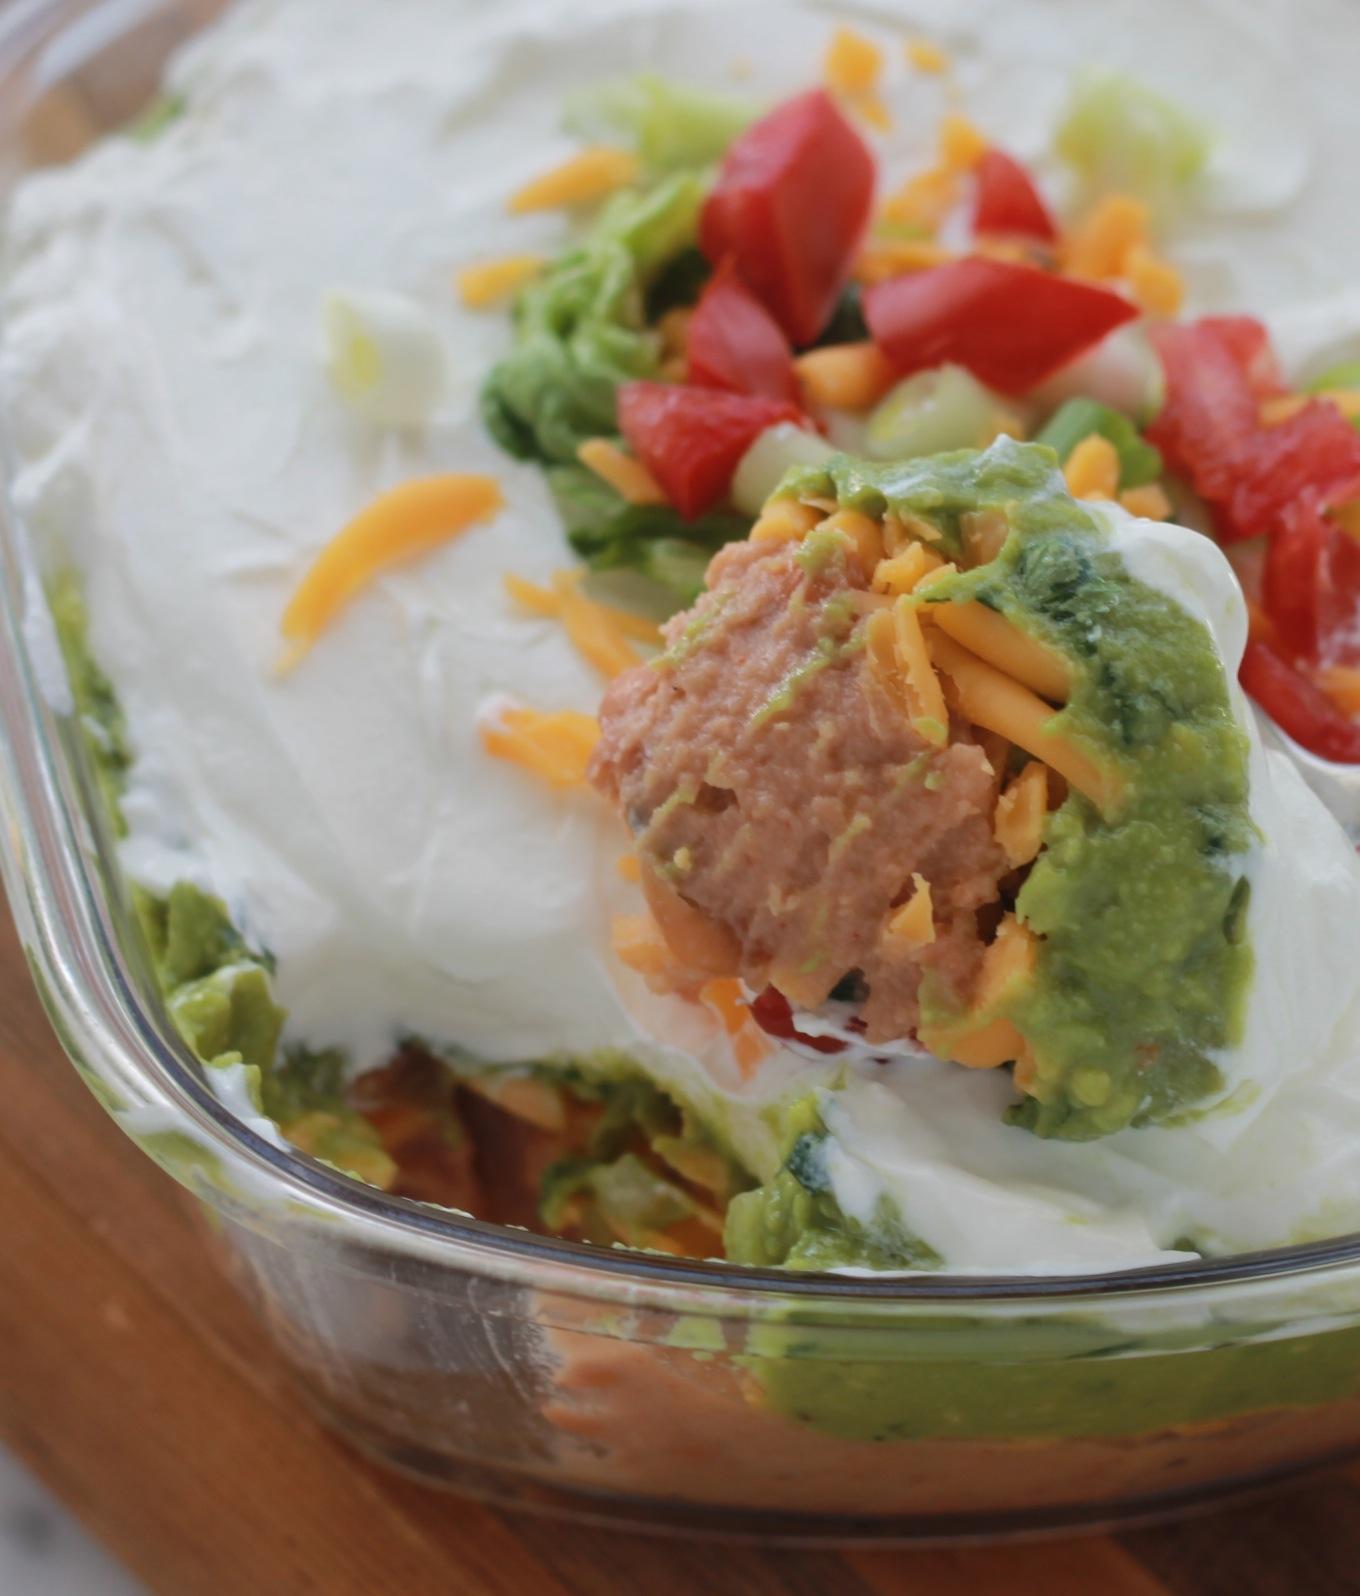 La recette de la trempette mexicaine, pleine de saveurs et rapide à faire. Pour un anniversaire, un apéro dînatoire ou pour des invités de dernière minute.